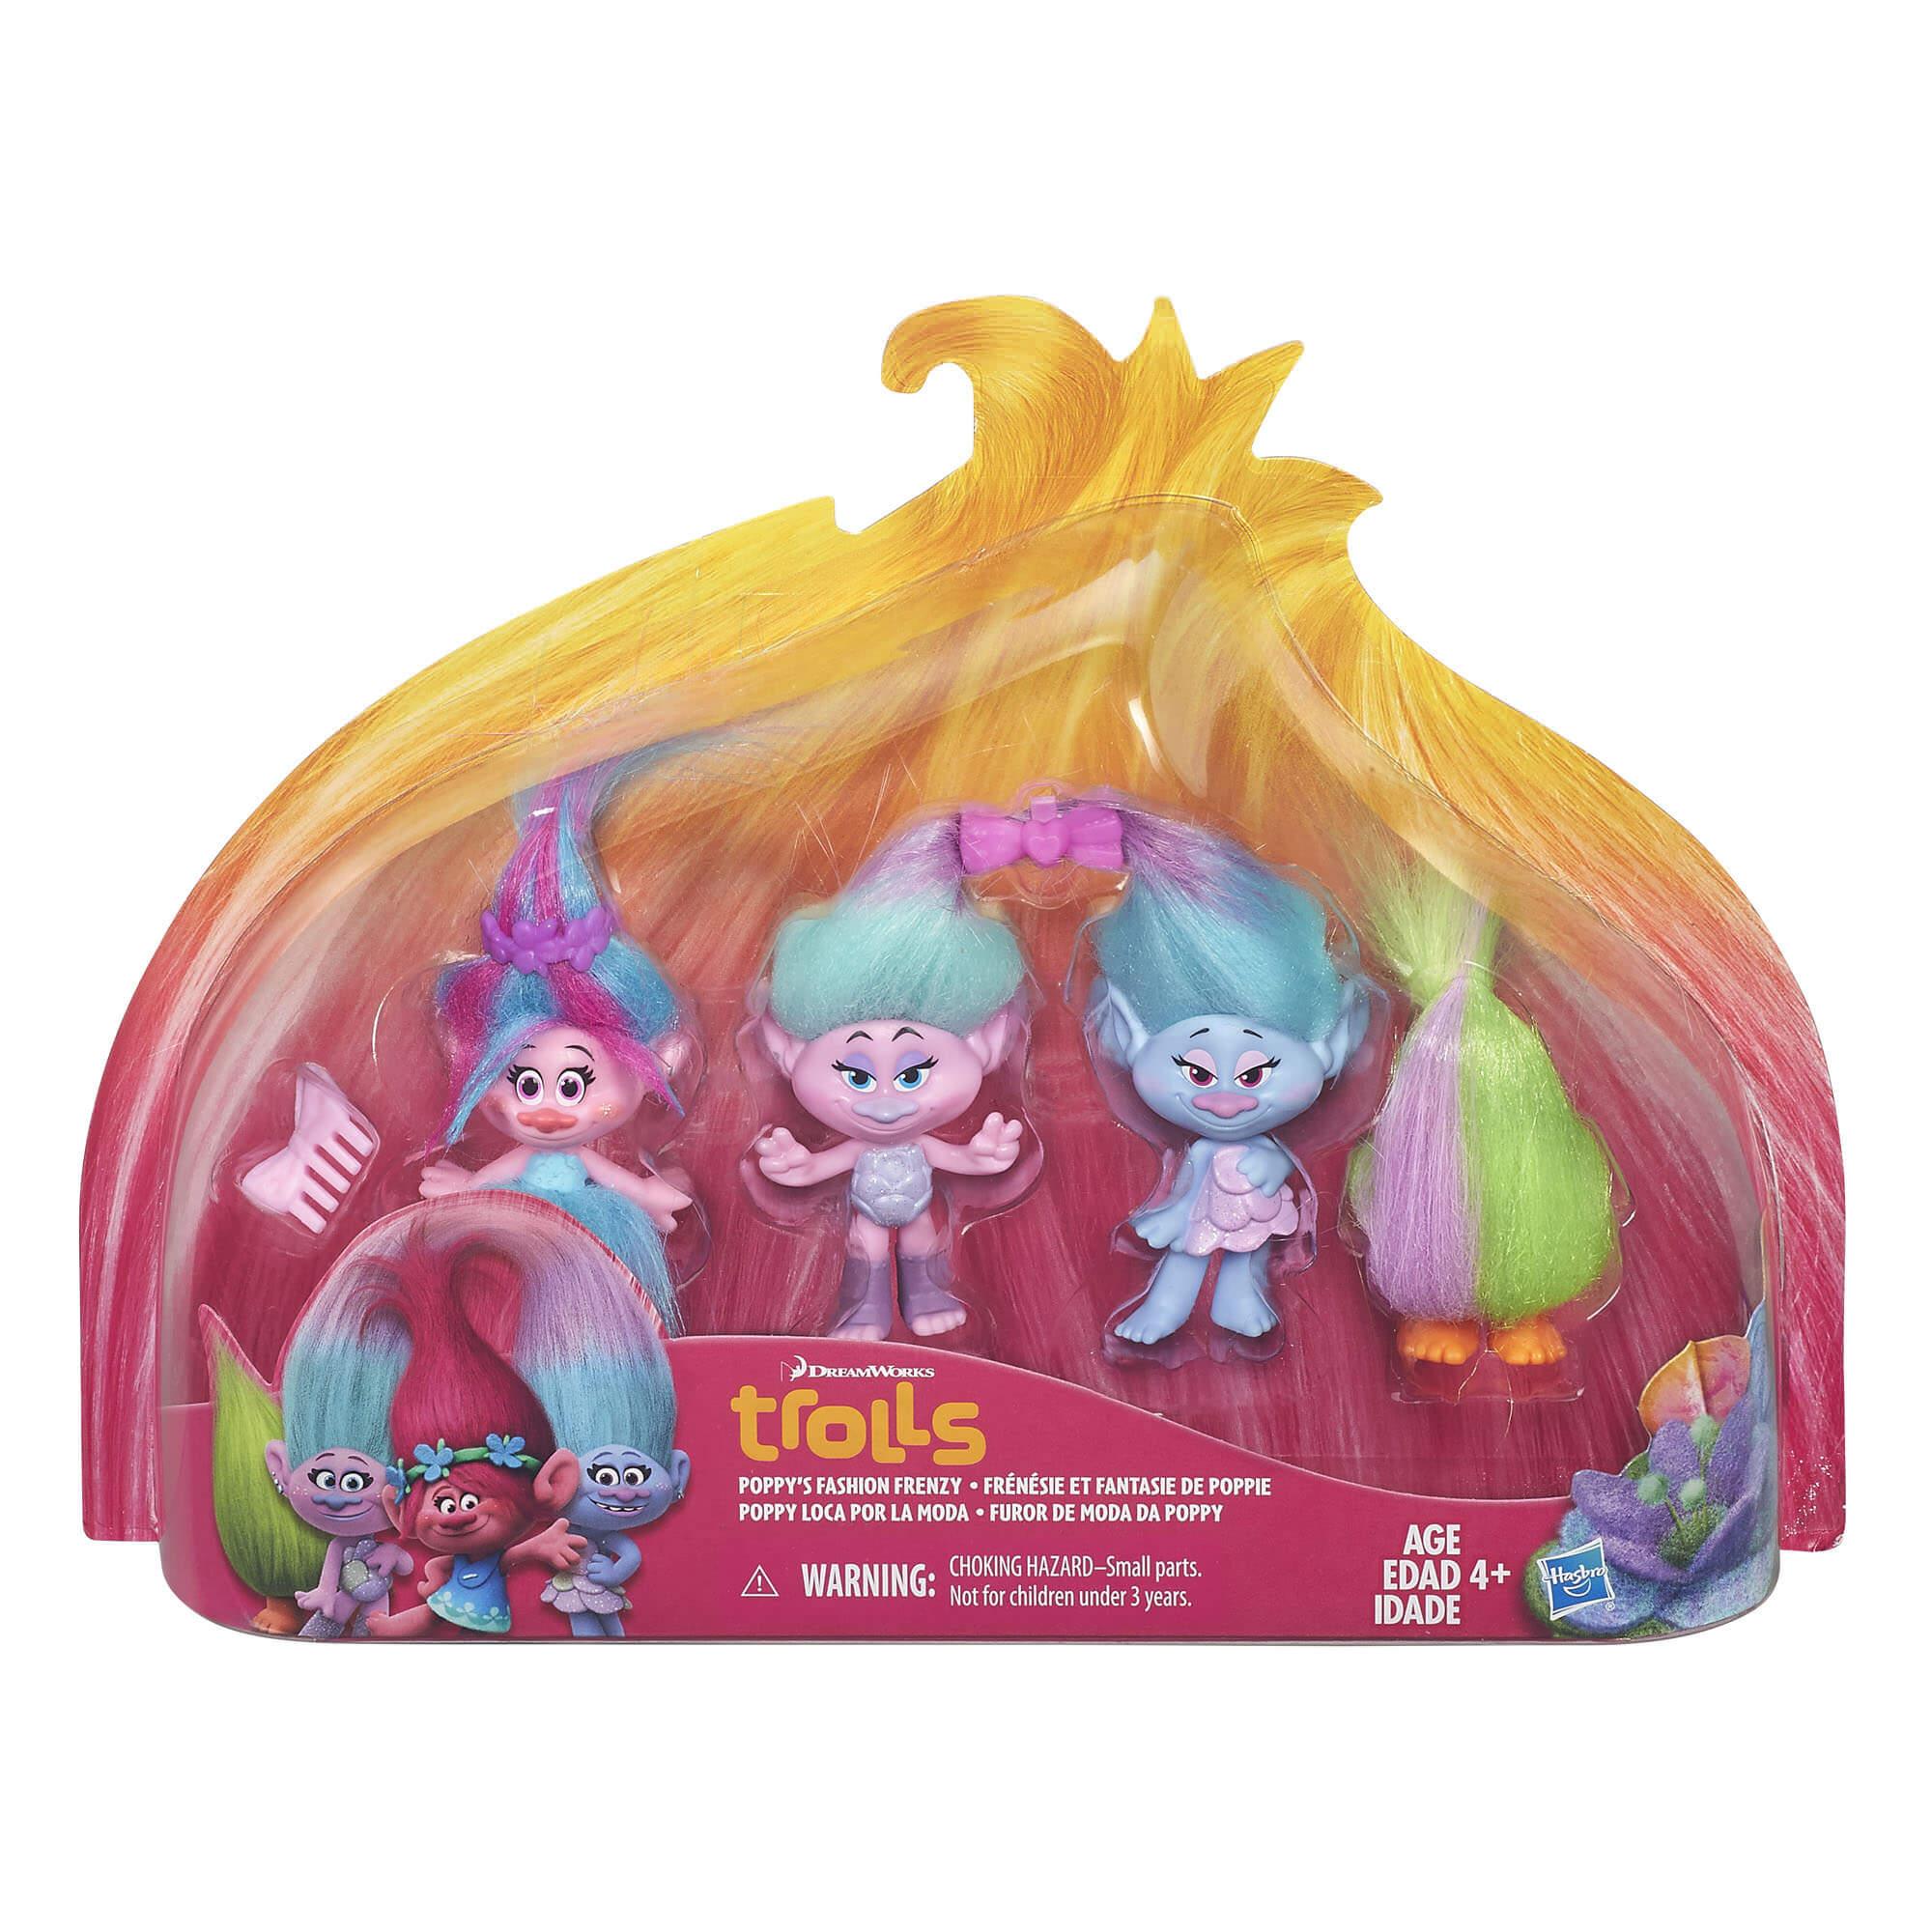 Figuras Trolls Furor De Moda Da Poppy B6557 Hasbro